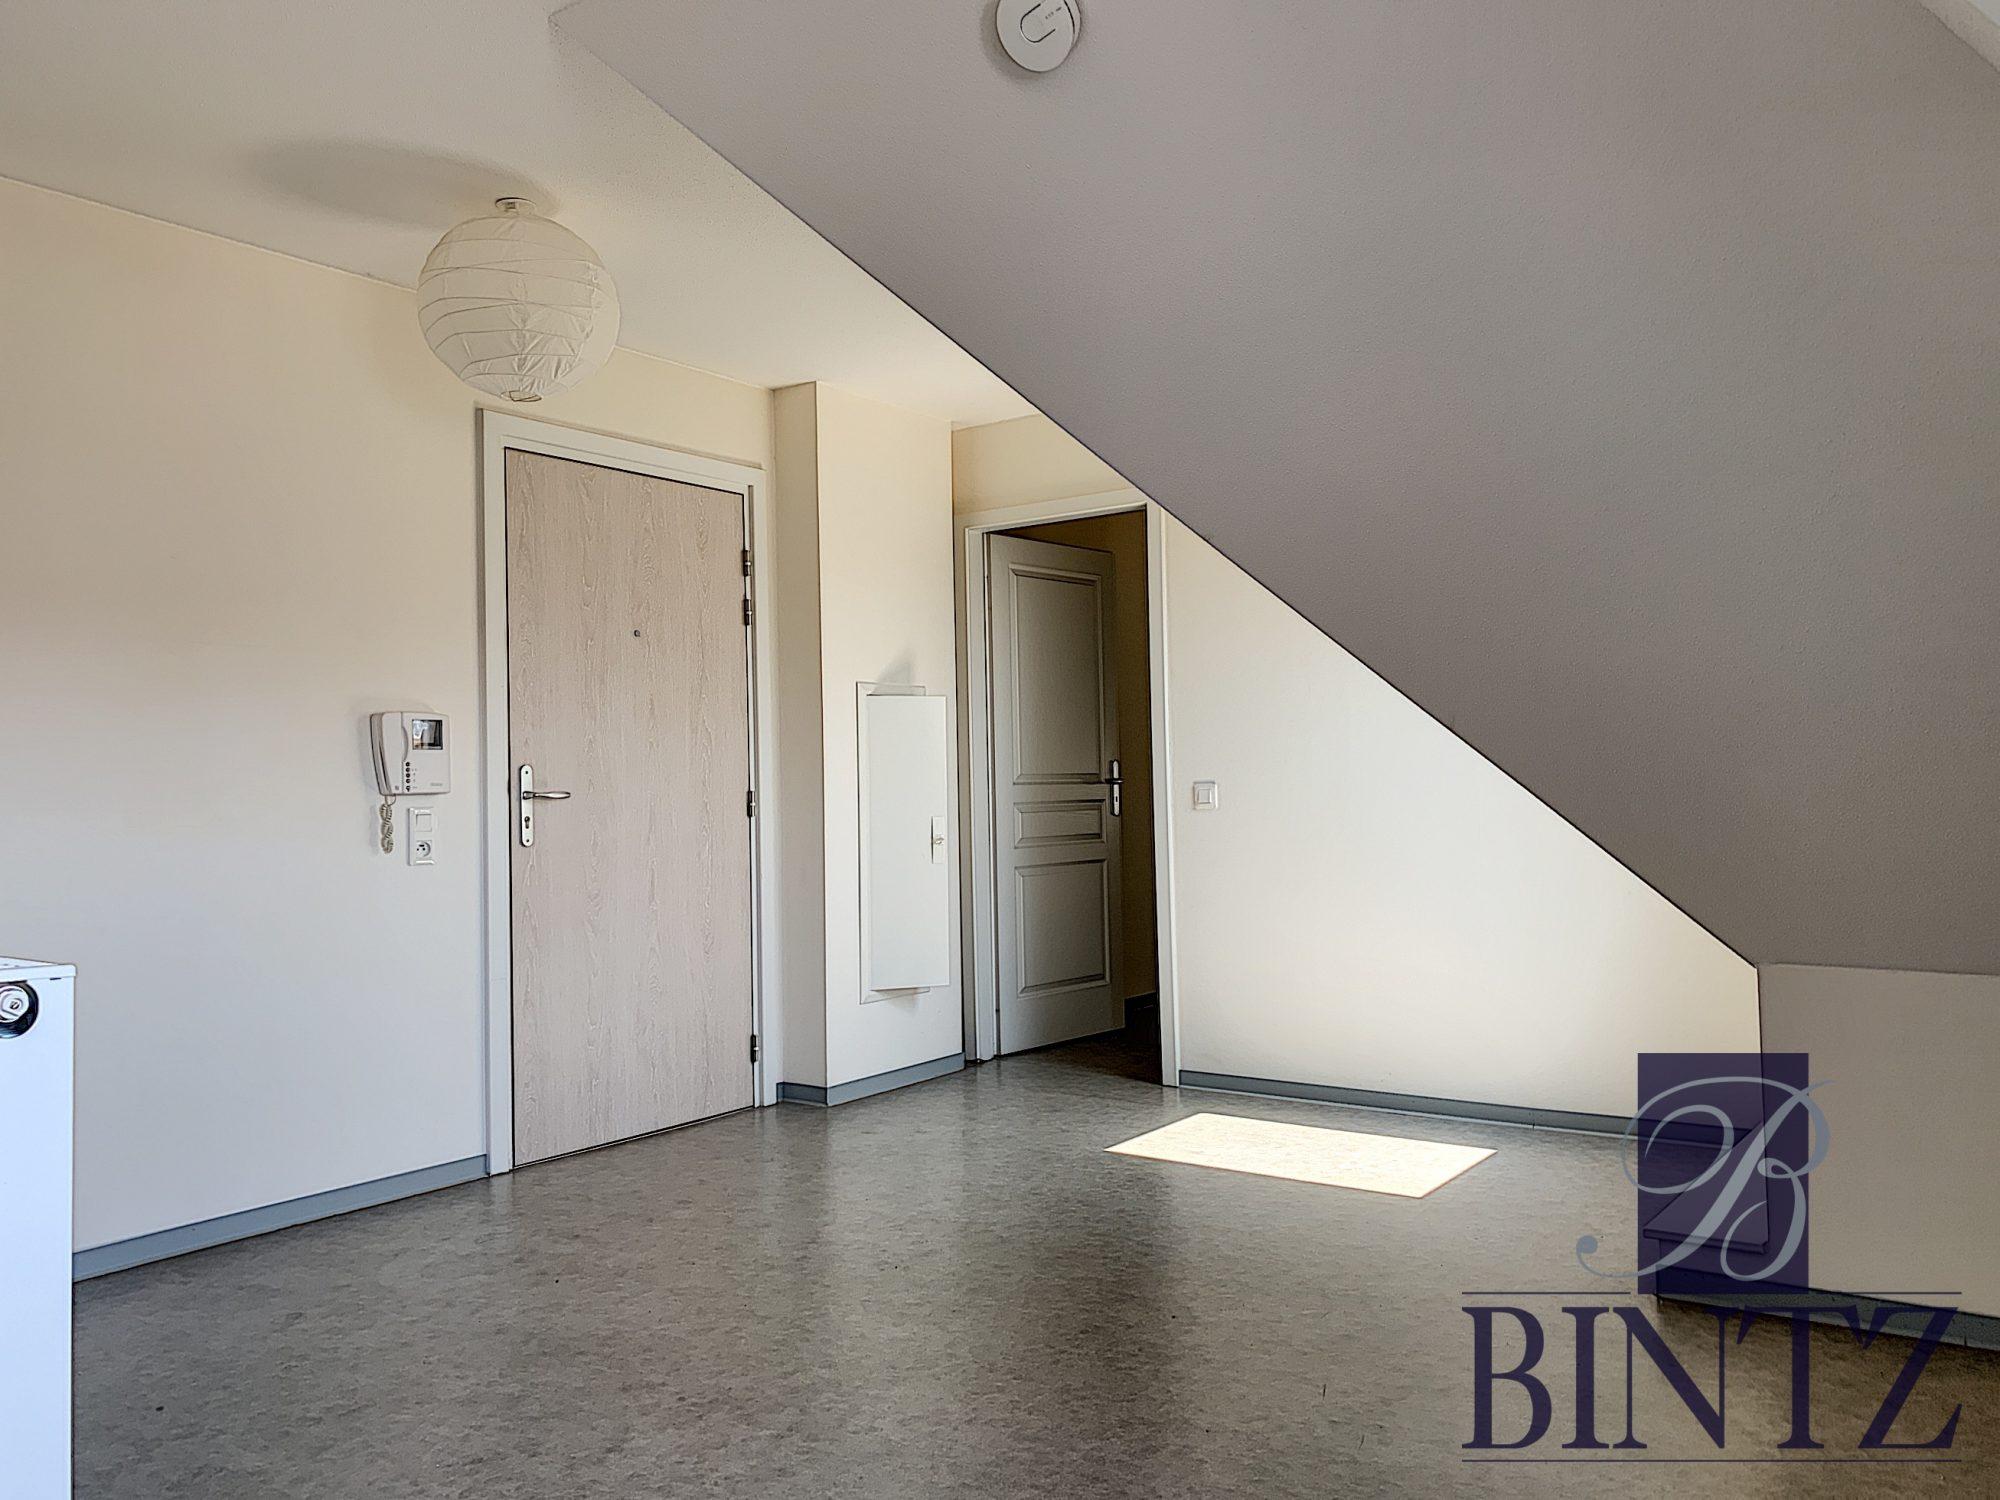 2 PIÈCES AVEC PARKING SCHILTIGHEIM - Devenez locataire en toute sérénité - Bintz Immobilier - 5